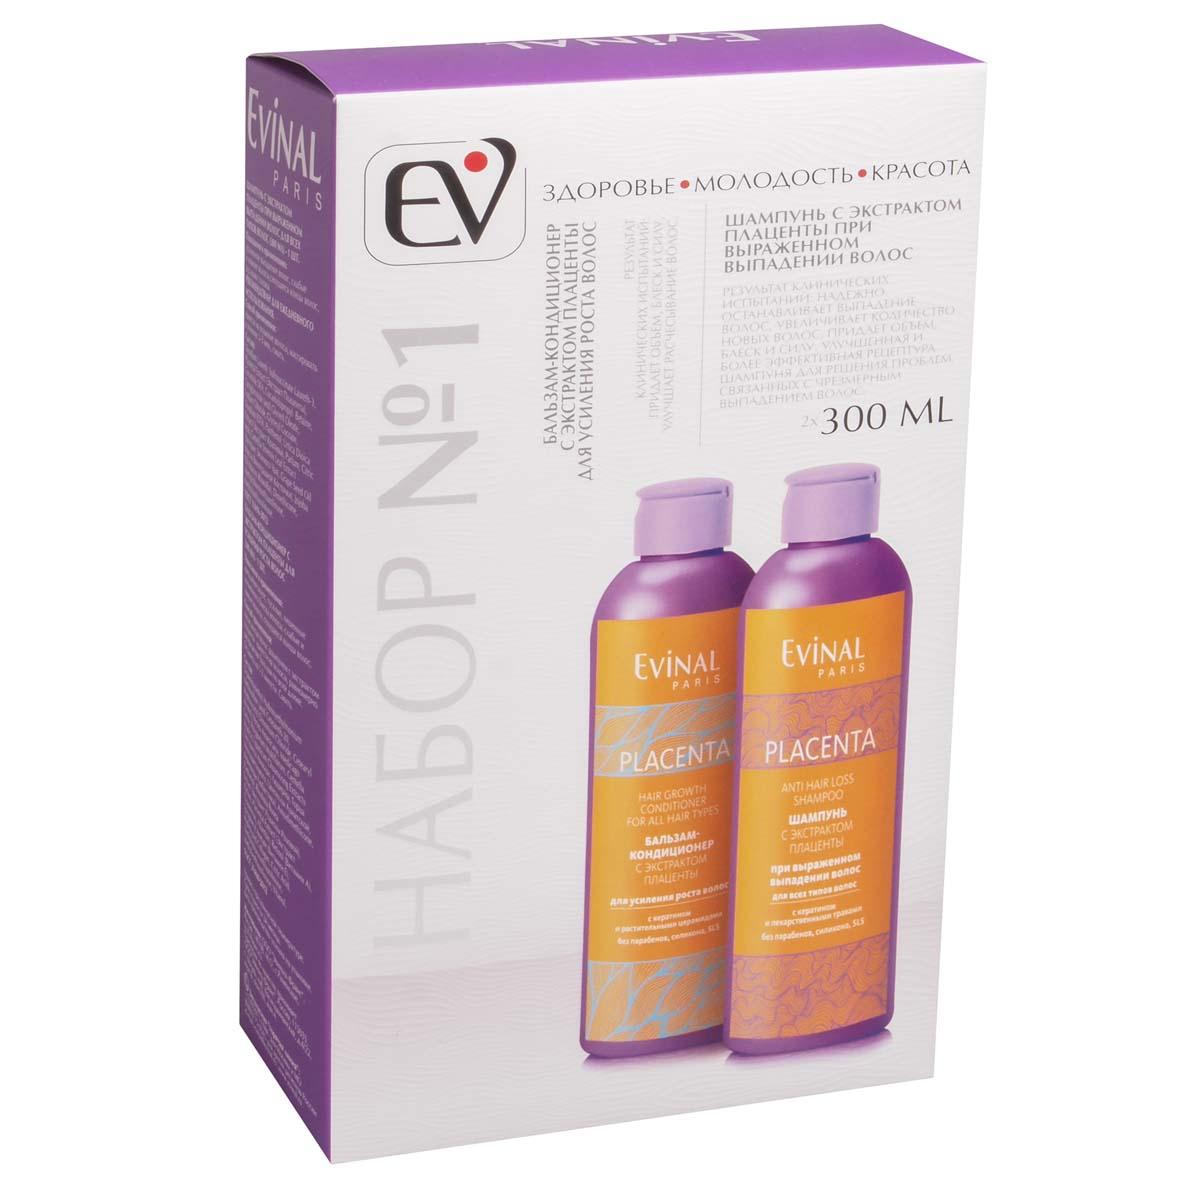 Подарочный набор Evinal №1: Шампунь с экстрактом плаценты при выраженном выпадении волос для всех типов волос, 300мл.+ Бальзам-кондиционер с экстрактом плаценты для усиления роста, 300мл.0162Подарочный набор №1 (Шампунь с экстрактом плаценты при выраженном выпадении волос для всех типов волос 300мл.+Бальзам-кондиционер с экстрактом плаценты для усиления роста 300мл. ) в коробке. Состоит из: шампуня с экстрактом плаценты при выраженном выпадении волос для всех типов волос и бальзама-кондиционера с экстрактом плаценты для усиления роста волос. ШАМПУНЬ С ЭКСТРАКТОМ ПЛАЦЕНТЫ ПРИ ВЫРАЖЕННОМ ВЫПАДЕНИИ ВОЛОС. ДЛЯ ВСЕХ ТИПОВ ВОЛОС -Улучшенная и более эффективная рецептура шампуня для решения проблем, связанных с чрезмерным выпадением волос.Показания к применению: выраженное выпадение волос, медленный рост волос, слабые и ломкие волосы, секущиеся концы волос.Результат клинических испытаний: надежно останавливает выпадение волос, увеличивает количество новых растущих волос, придает объем блеск и силуРекомендован для ежедневного использования. КОНДИЦИОНЕР С ЭКСТРАКТОМ ПЛАЦЕНТЫ ДЛЯ УСИЛЕНИЯ РОСТА ВОЛОС-Показания к применению: усиленное выпадение волос, тусклые лишенные жизненного блеска волосы, слабые и ломкие волосы, секущиеся концы.Результат клинических испытаний: Надежно останавливает выпадение волос, увеличивает количество новых растущих волос, придает объем, блеск и силу, улучшает расчесывание волос. Рекомендован для ежедневного использования. Максимальный эффект достигается при совместном использовании шампуня и бальзама на плаценте в течение 60 дней. Срок годности 24 месяца.